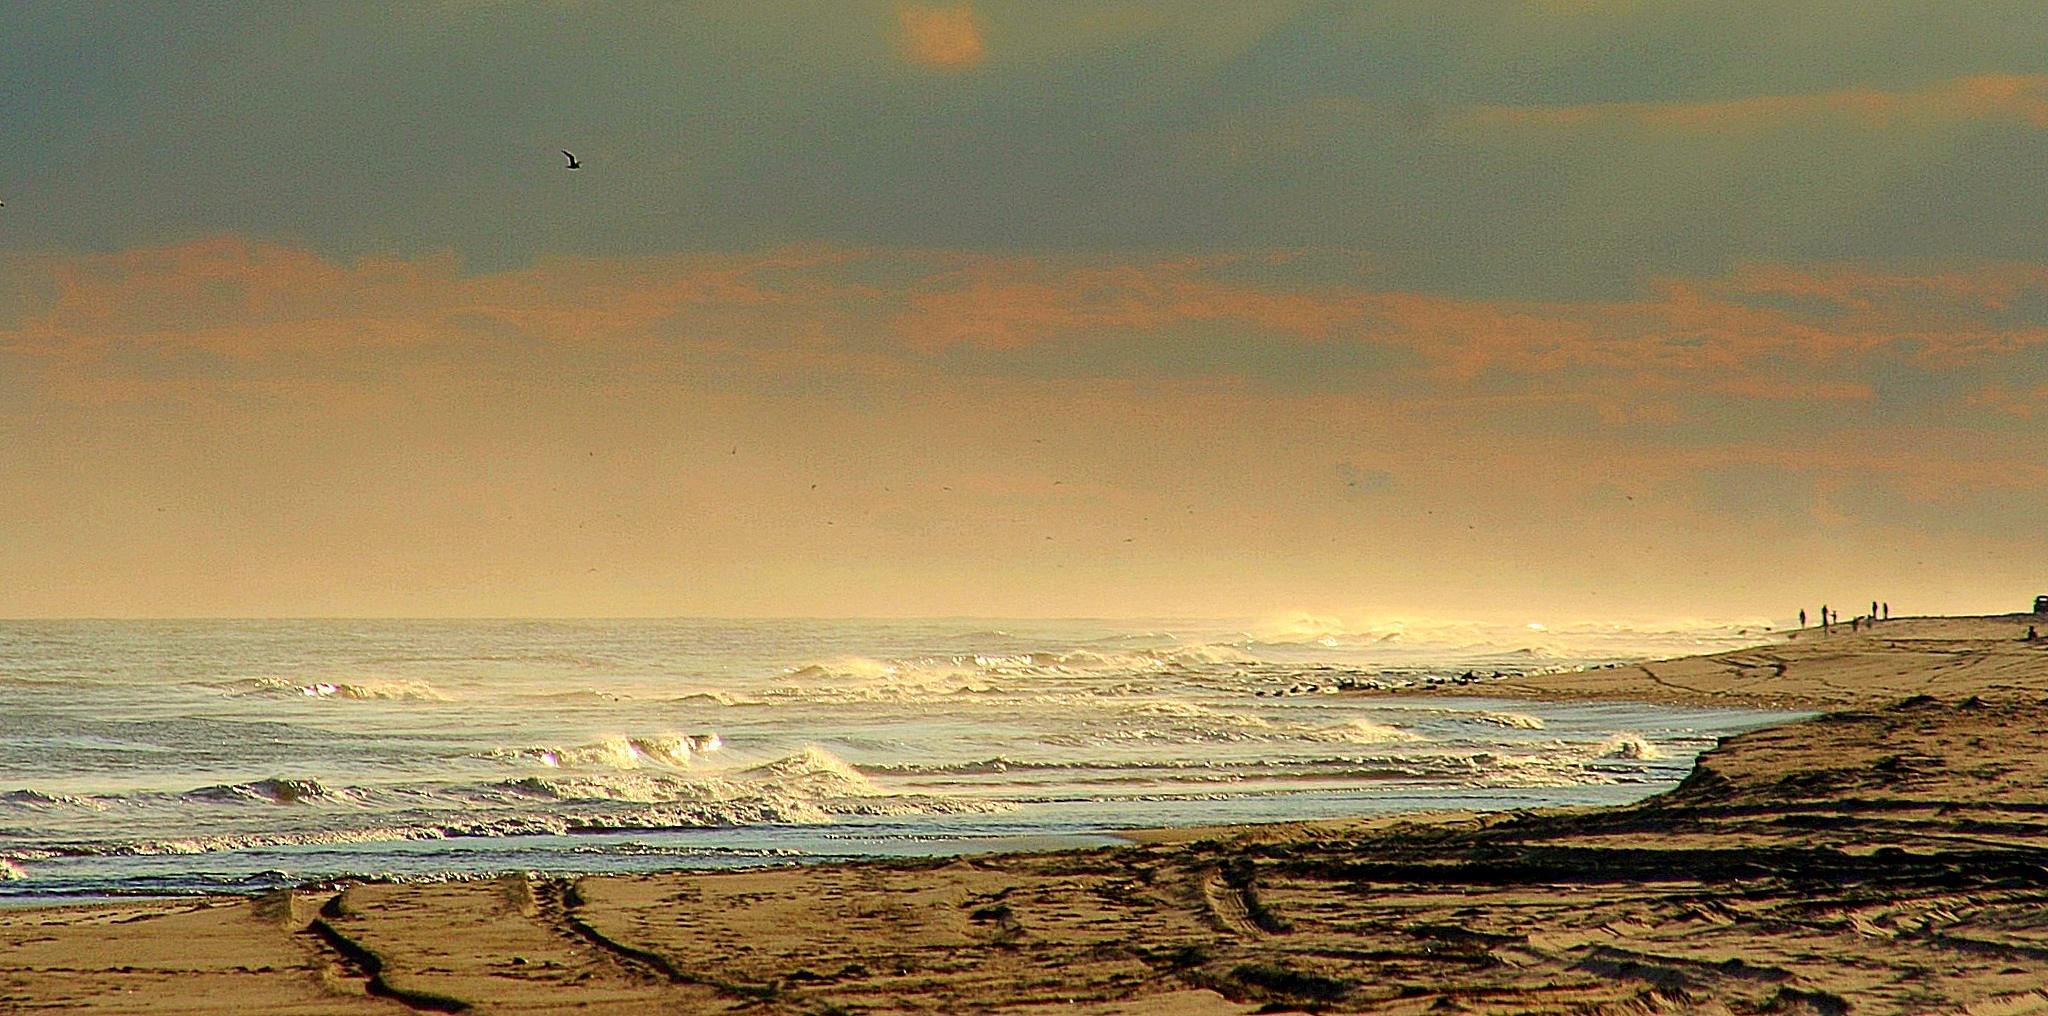 Beach by Adam Wyciszkiewicz